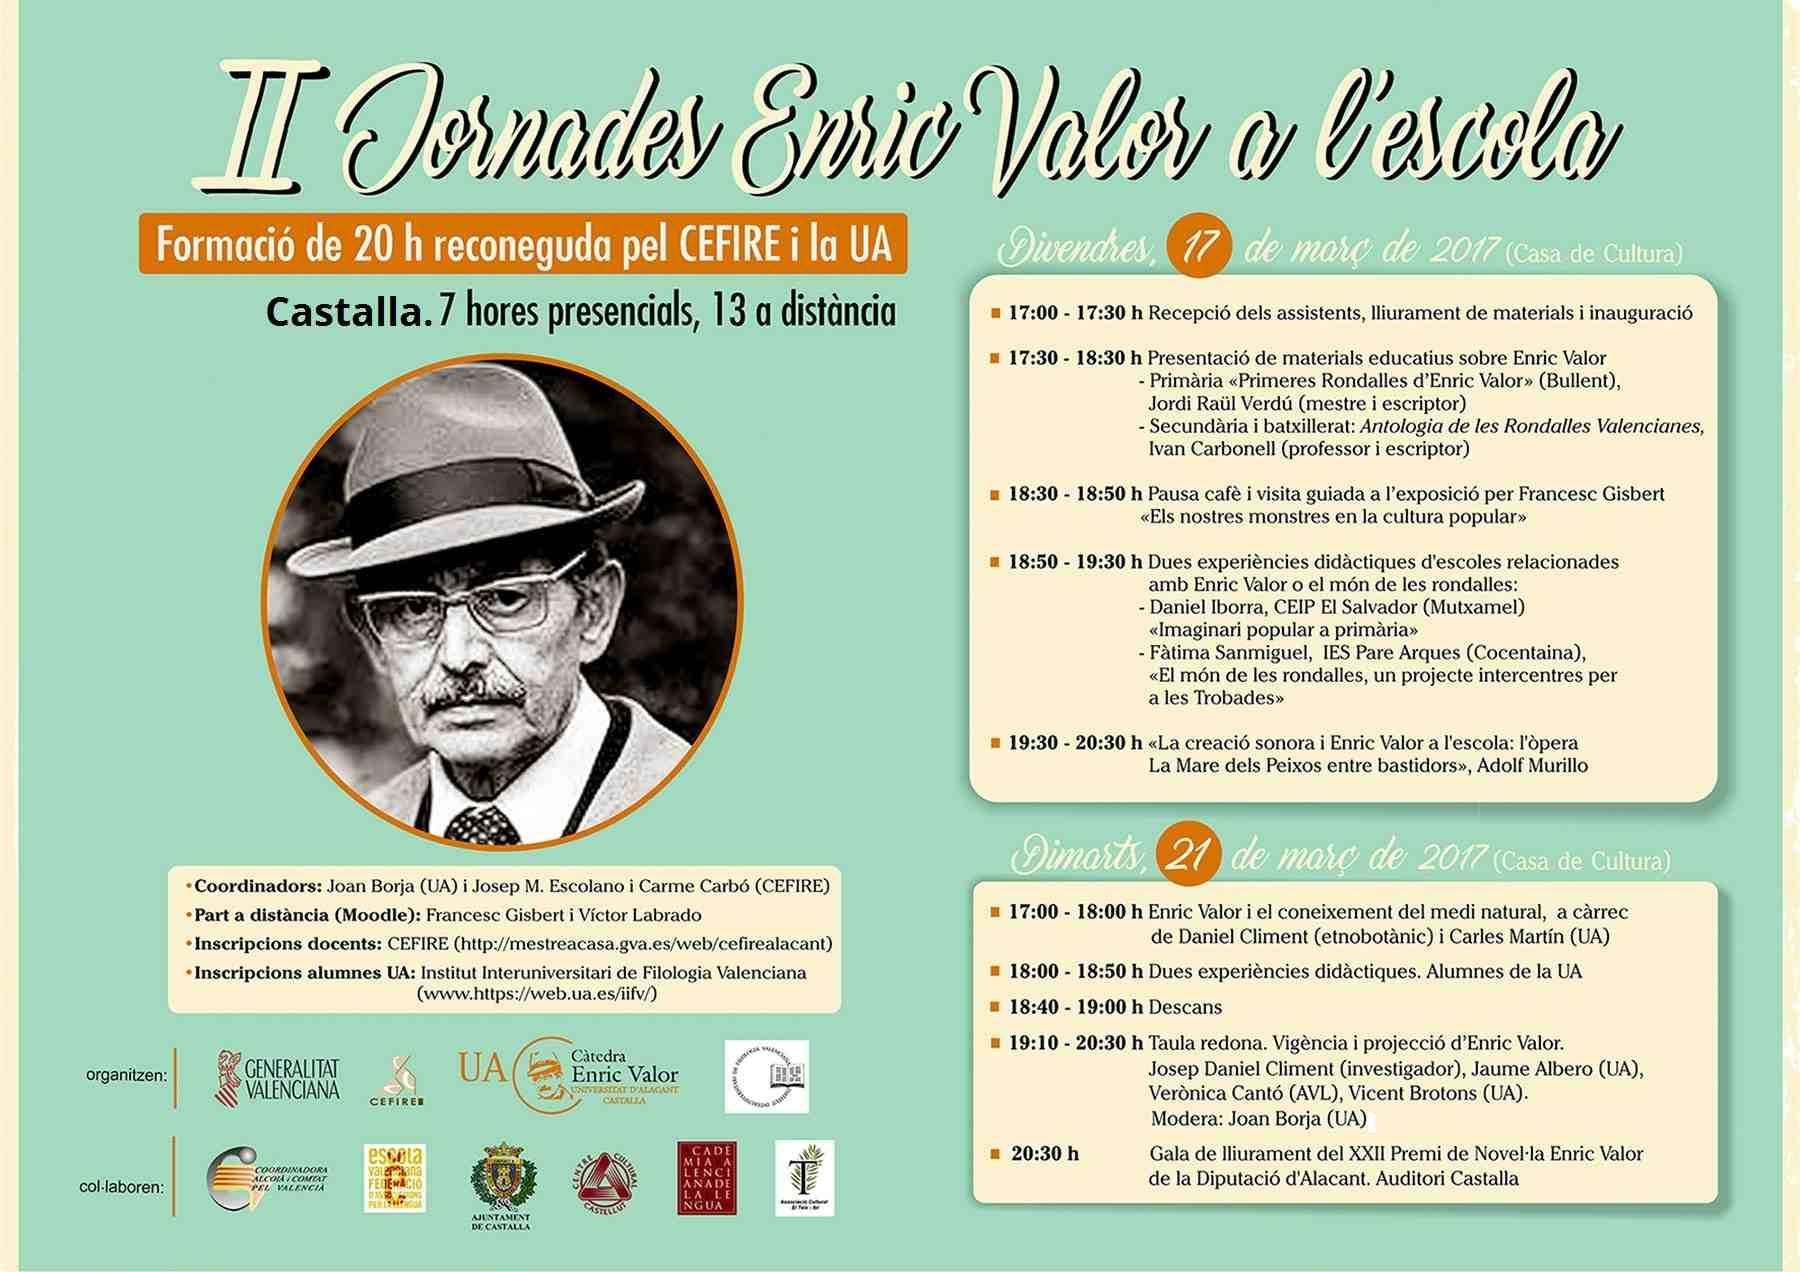 El Premi Enric Valor de Novel.la se entregará por primera vez en Castalla el martes 21 de marzo